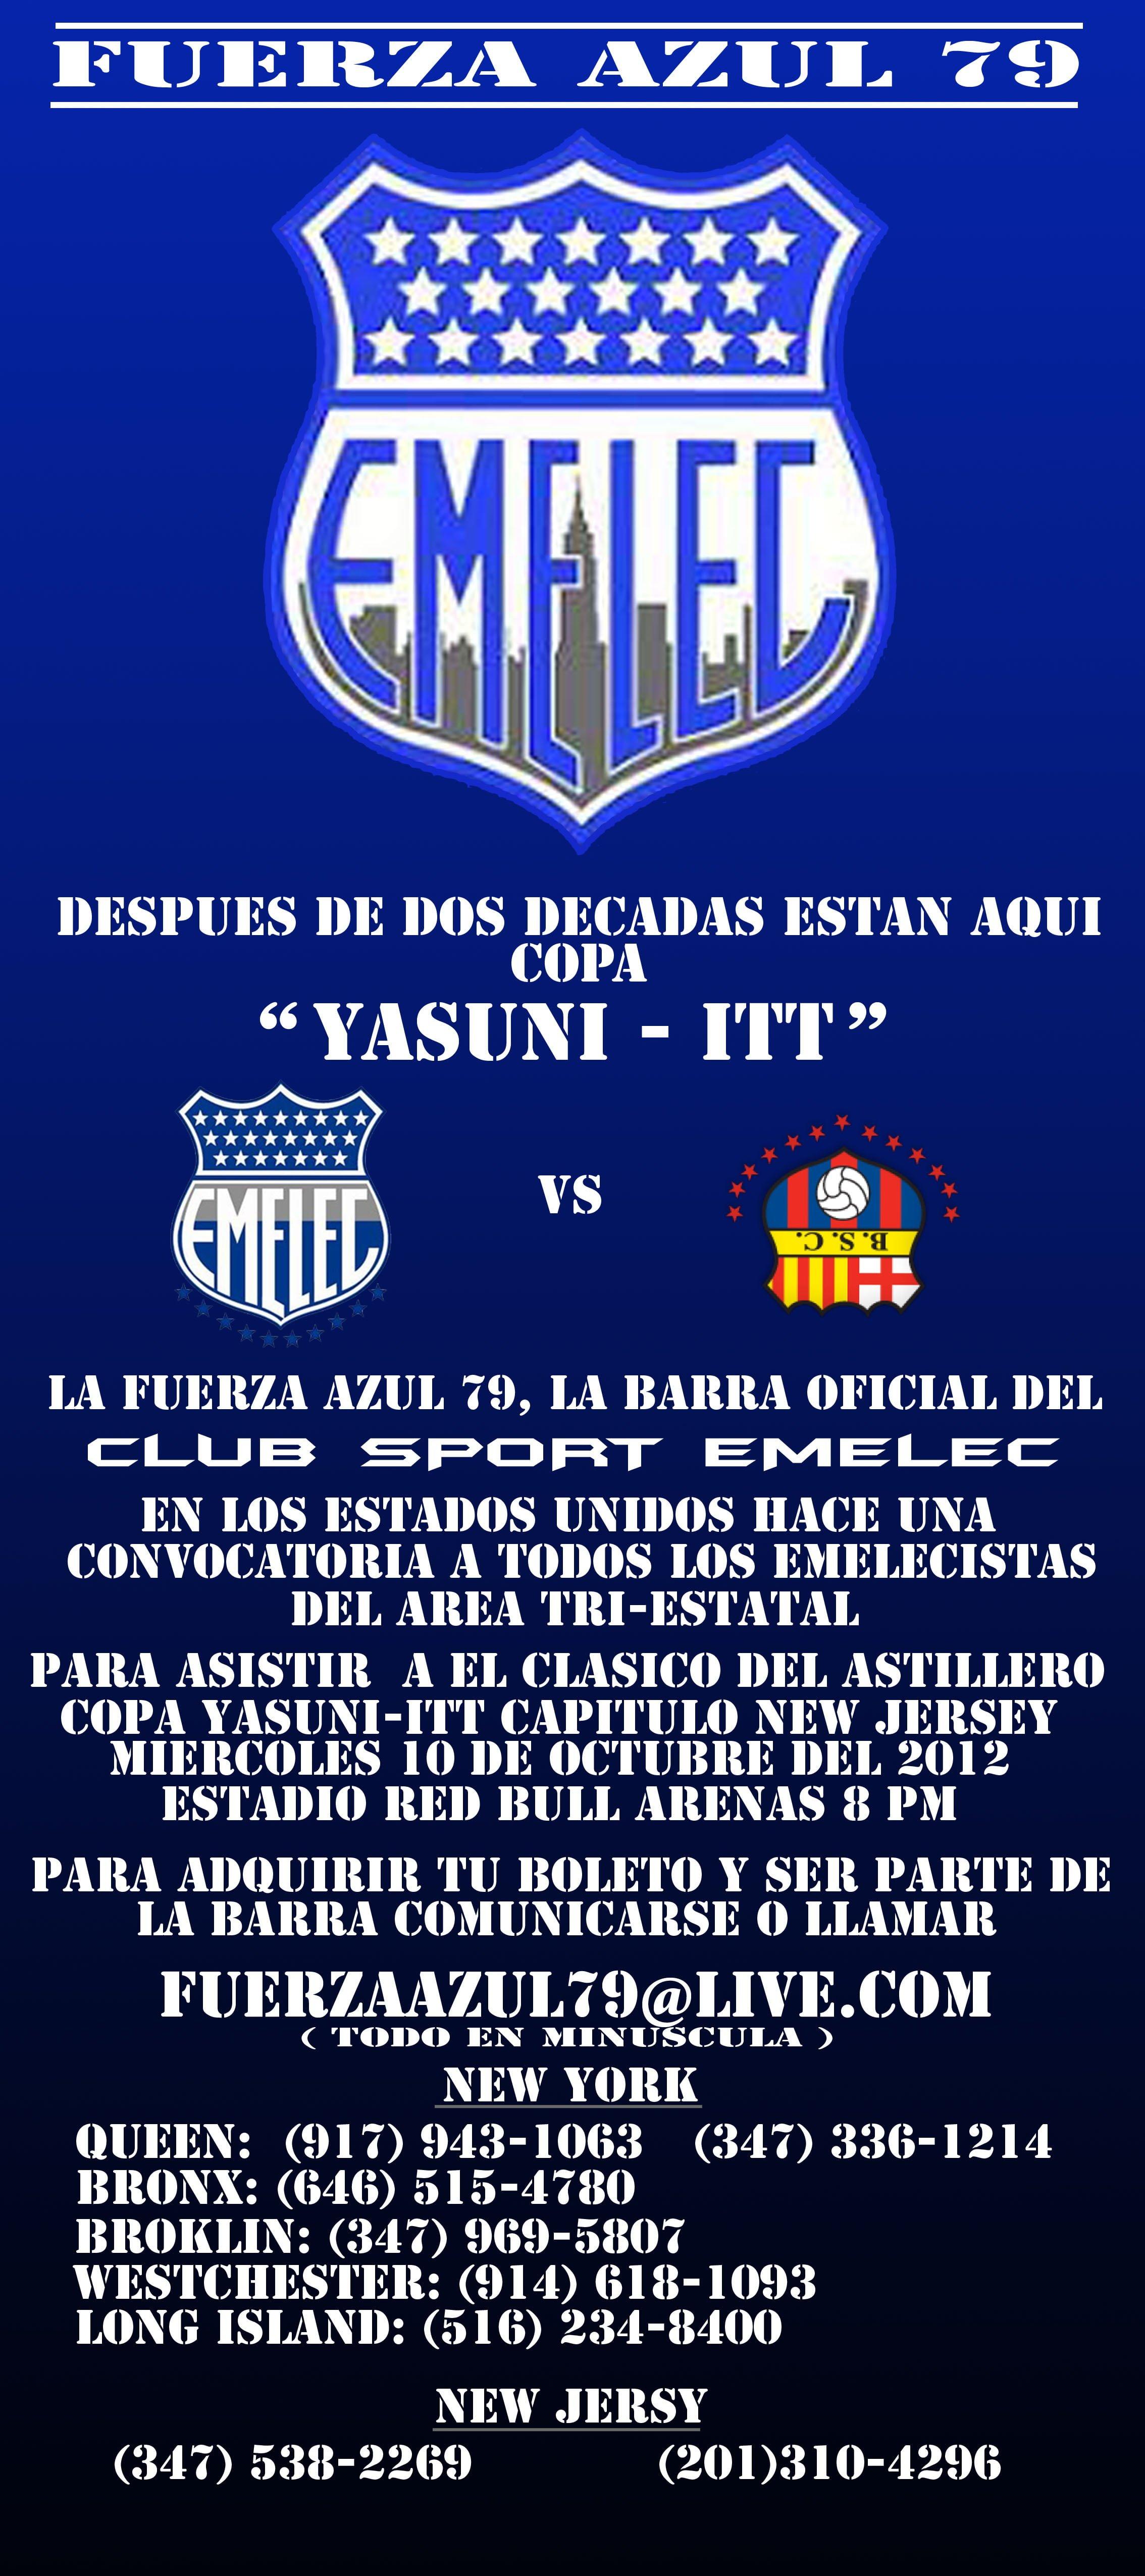 Fuerza Azul 79 convoca a los azules en  para el Clásico Yasuní-ITT